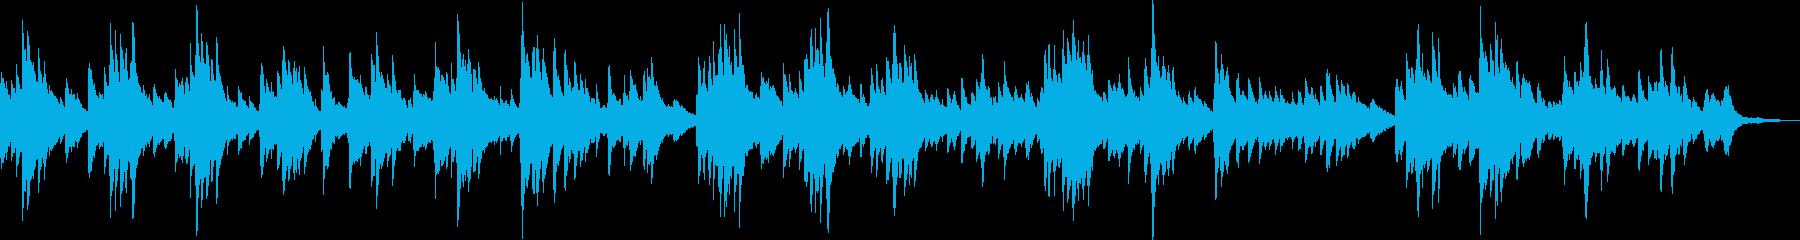 ピアノ・感動・温かい・BGM・バラードの再生済みの波形